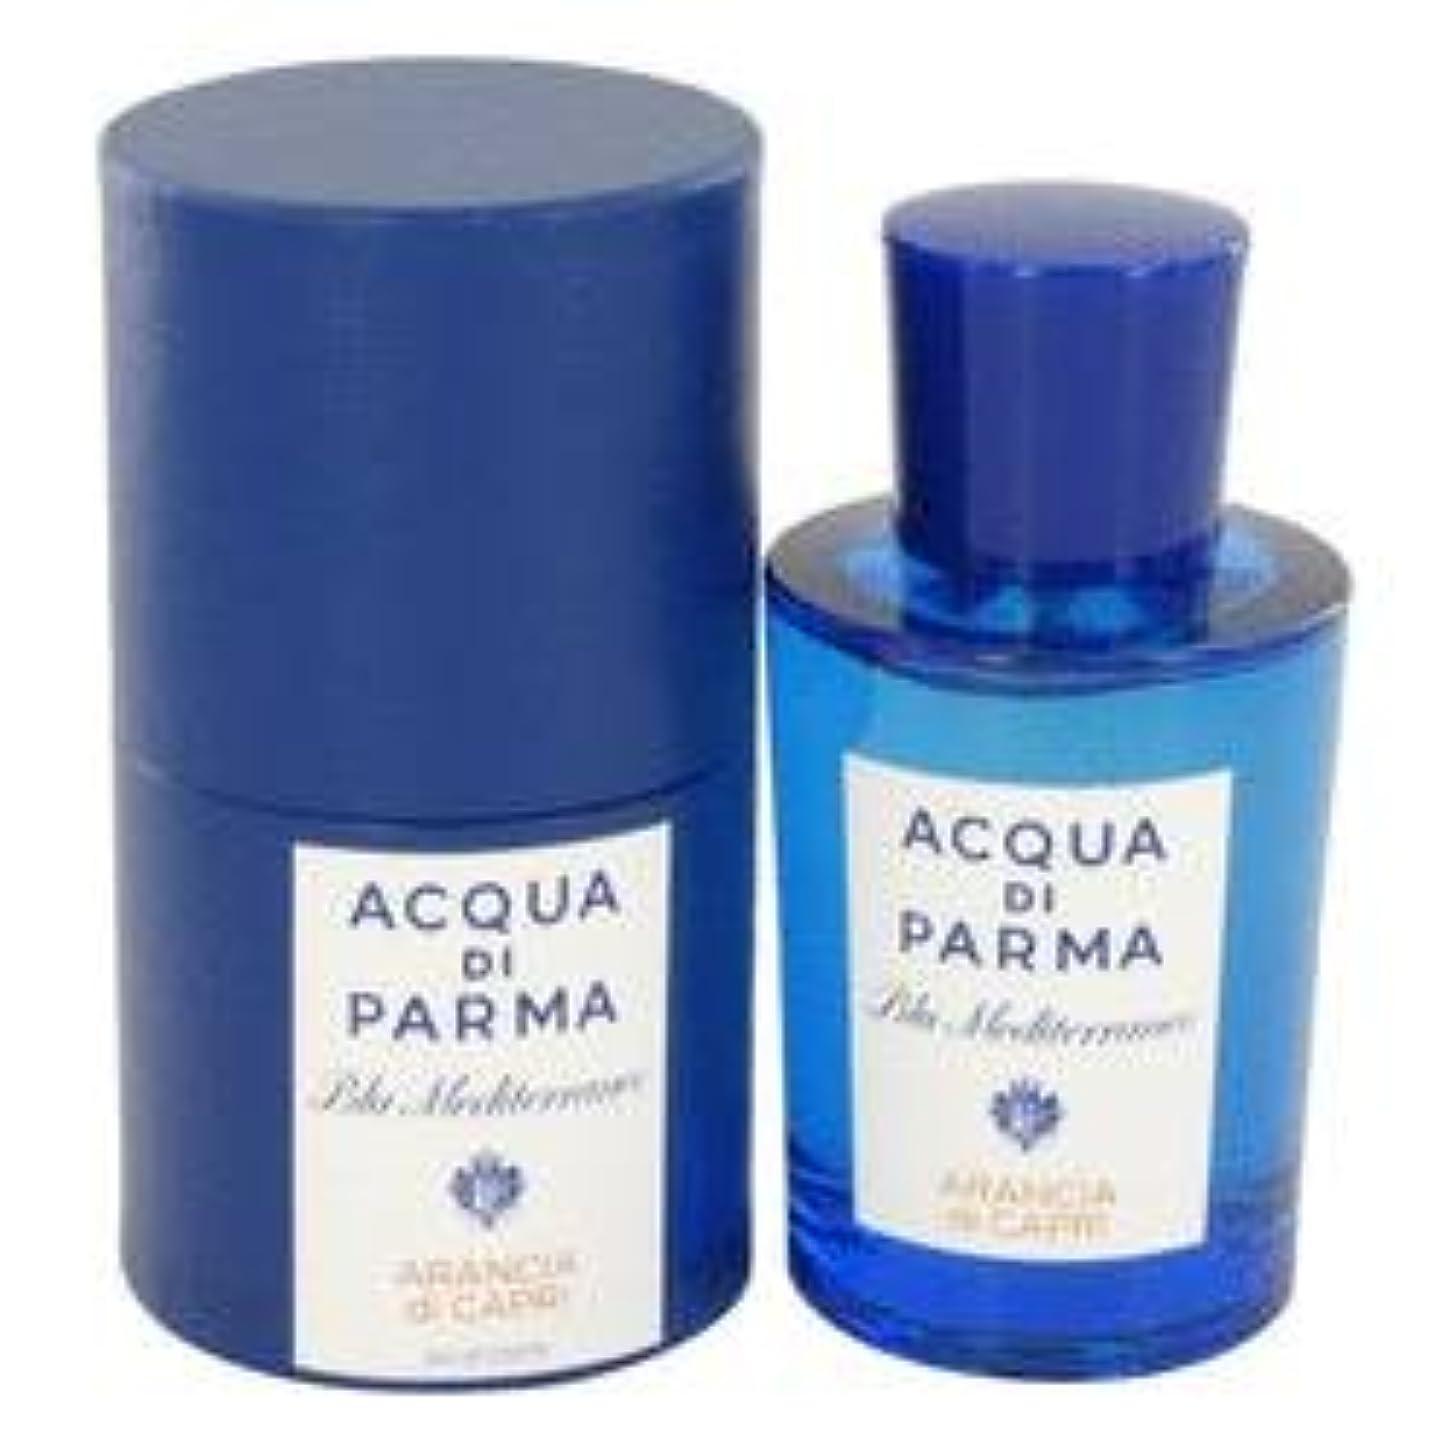 パワーセル仕立て屋繁栄するBlu Mediterraneo Arancia Di Capri Eau De Toilette Spray By Acqua Di Parma